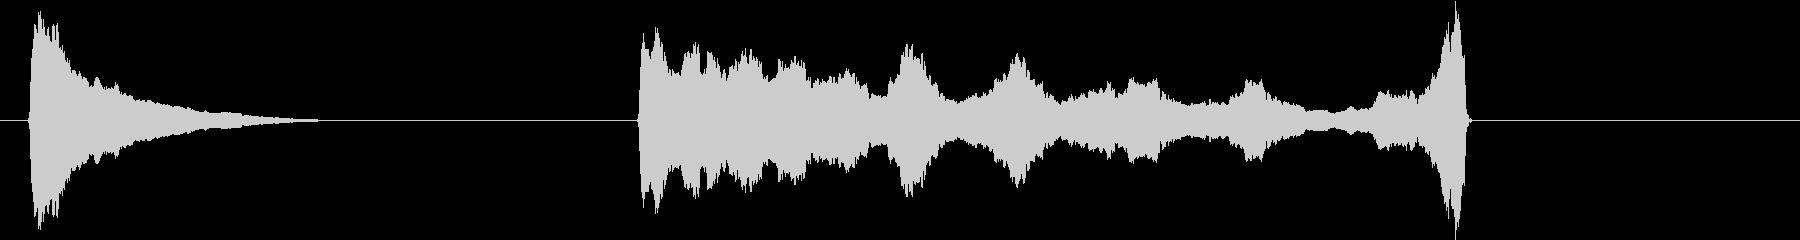 スライドホイッスル(クレイジー)-...の未再生の波形